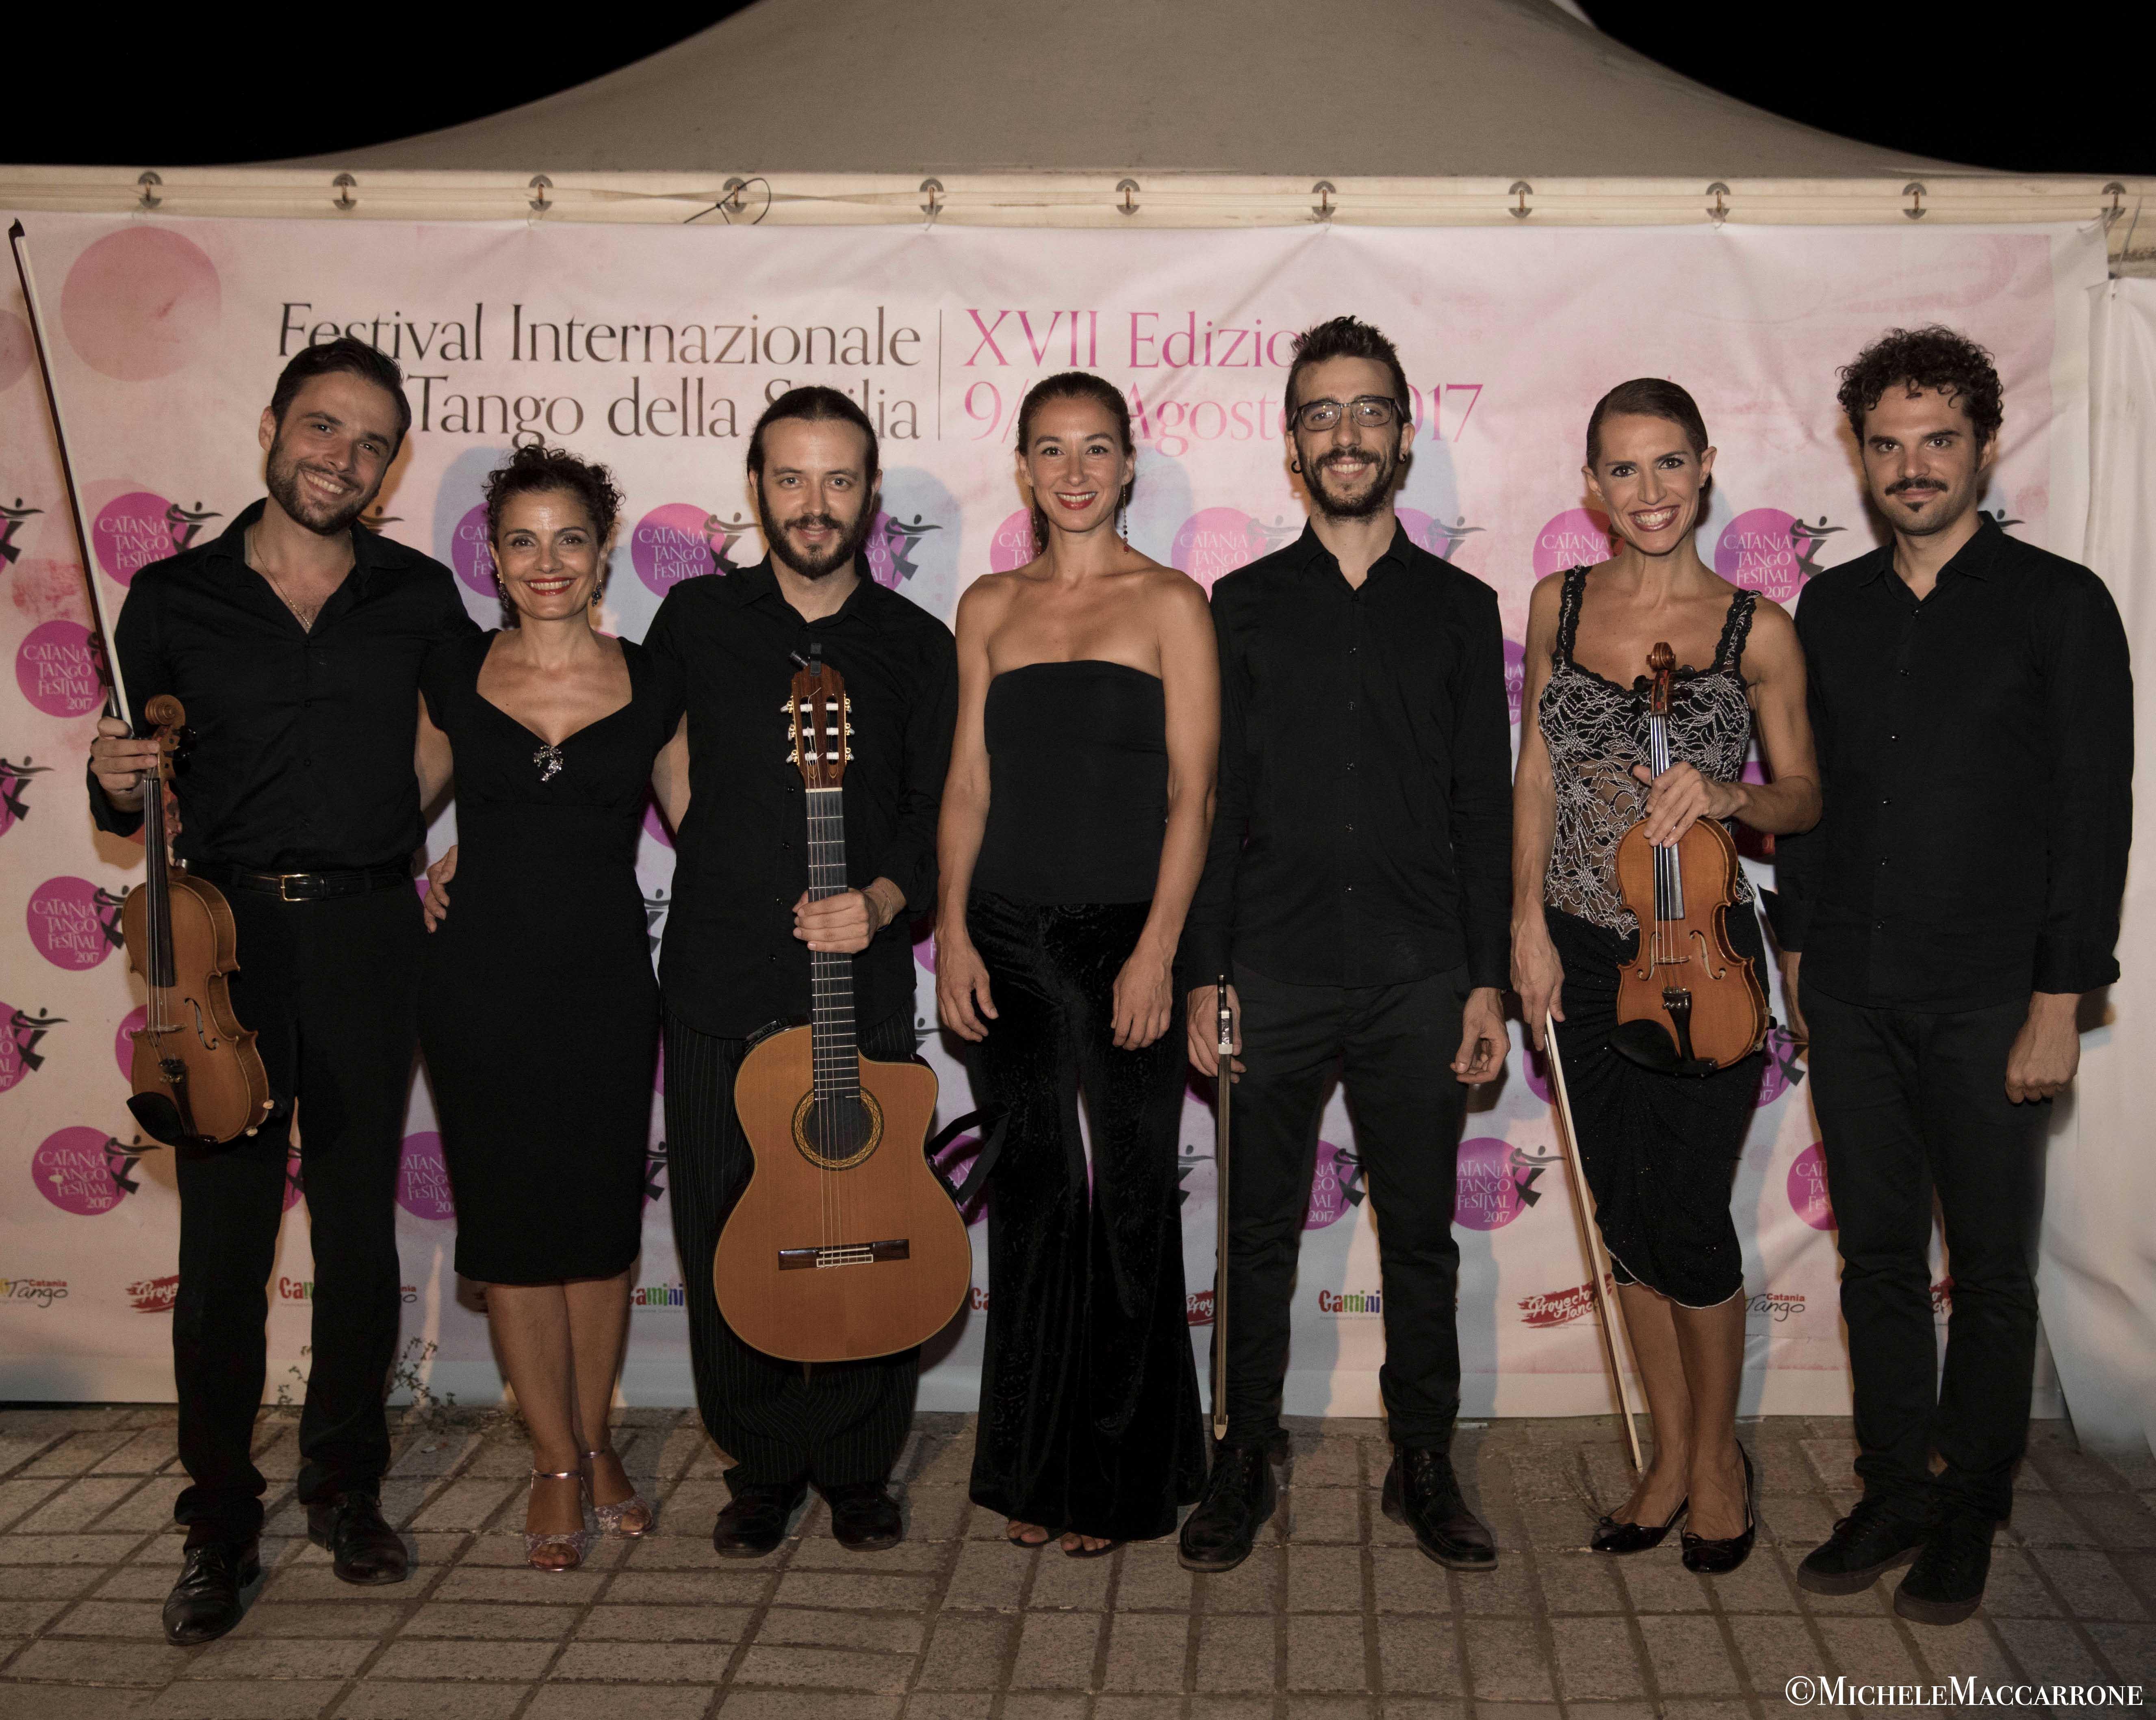 """Catania: il festival del tango entra nel vivo questa sera con i Maestri del """"Classico e Contemporaneo"""""""